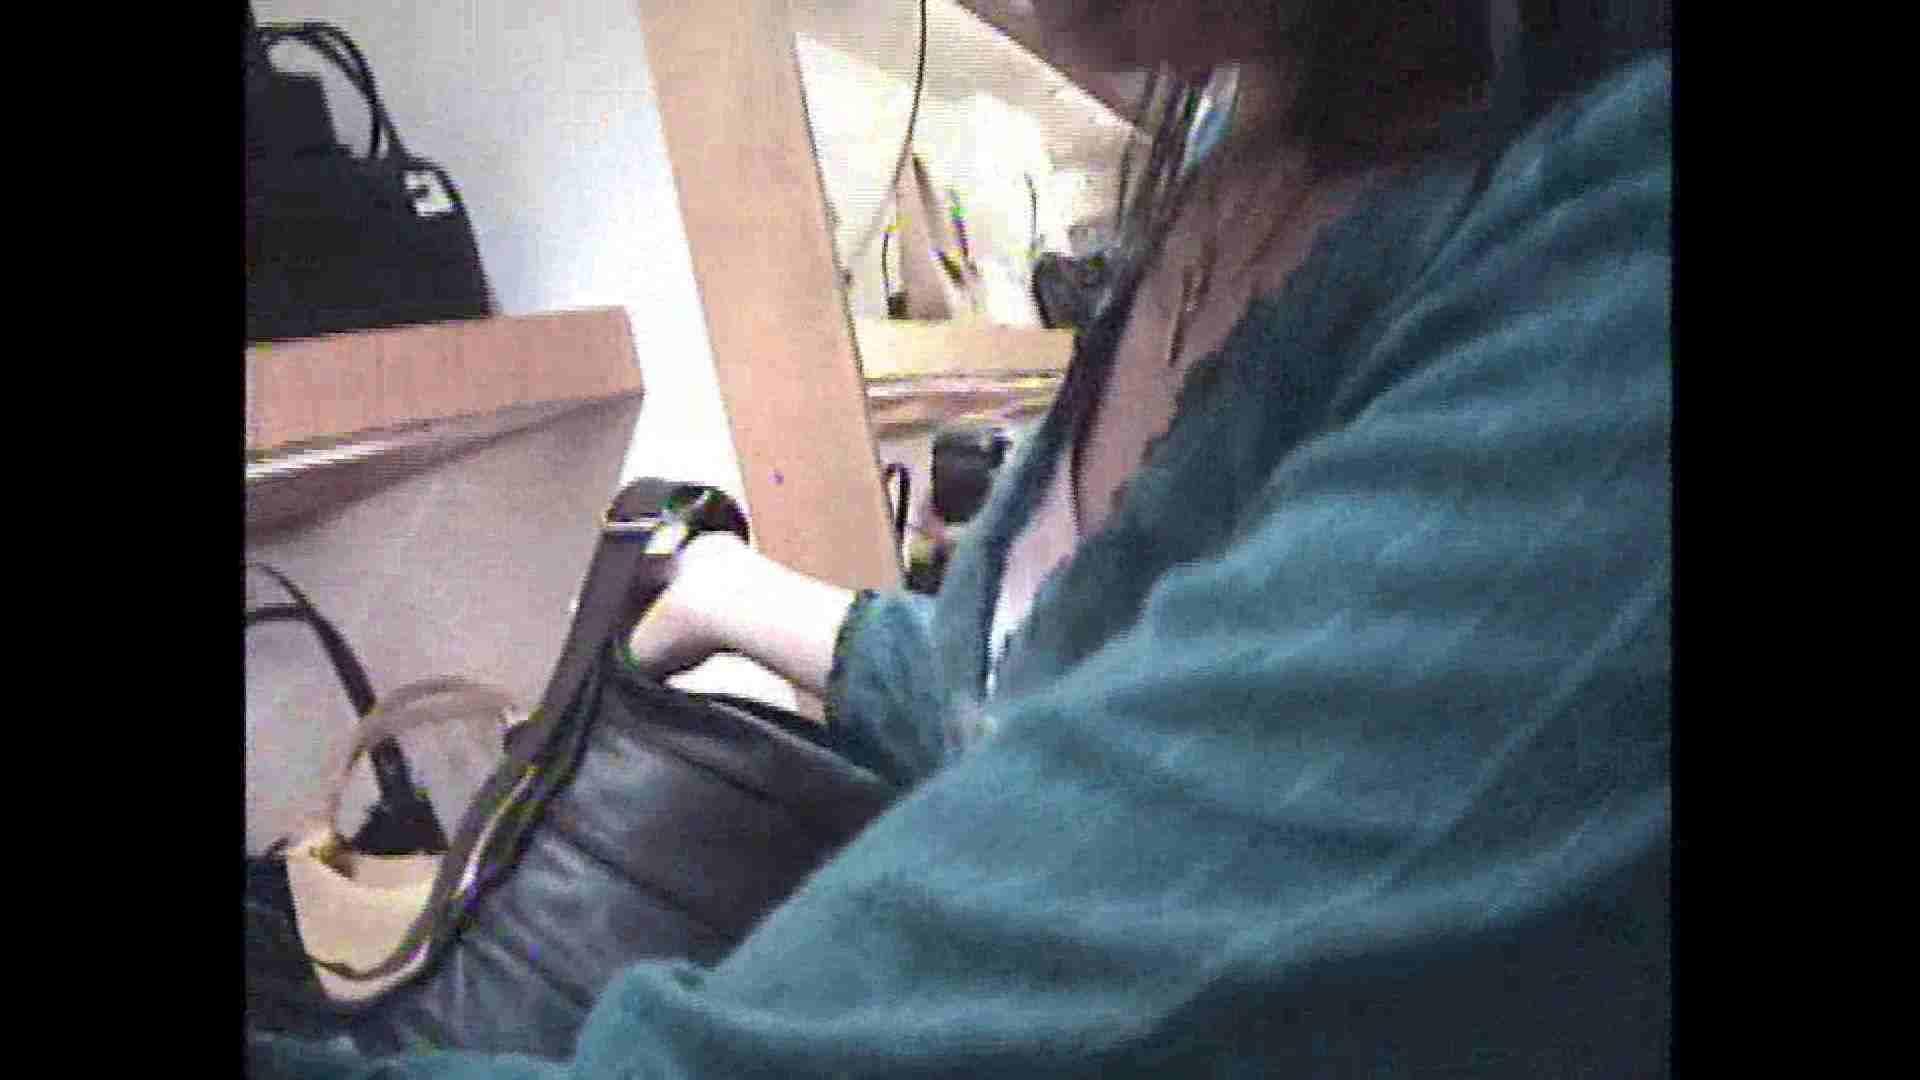 働く美女の谷間参拝 Vol.26 おっぱい 盗み撮りSEX無修正画像 89画像 53